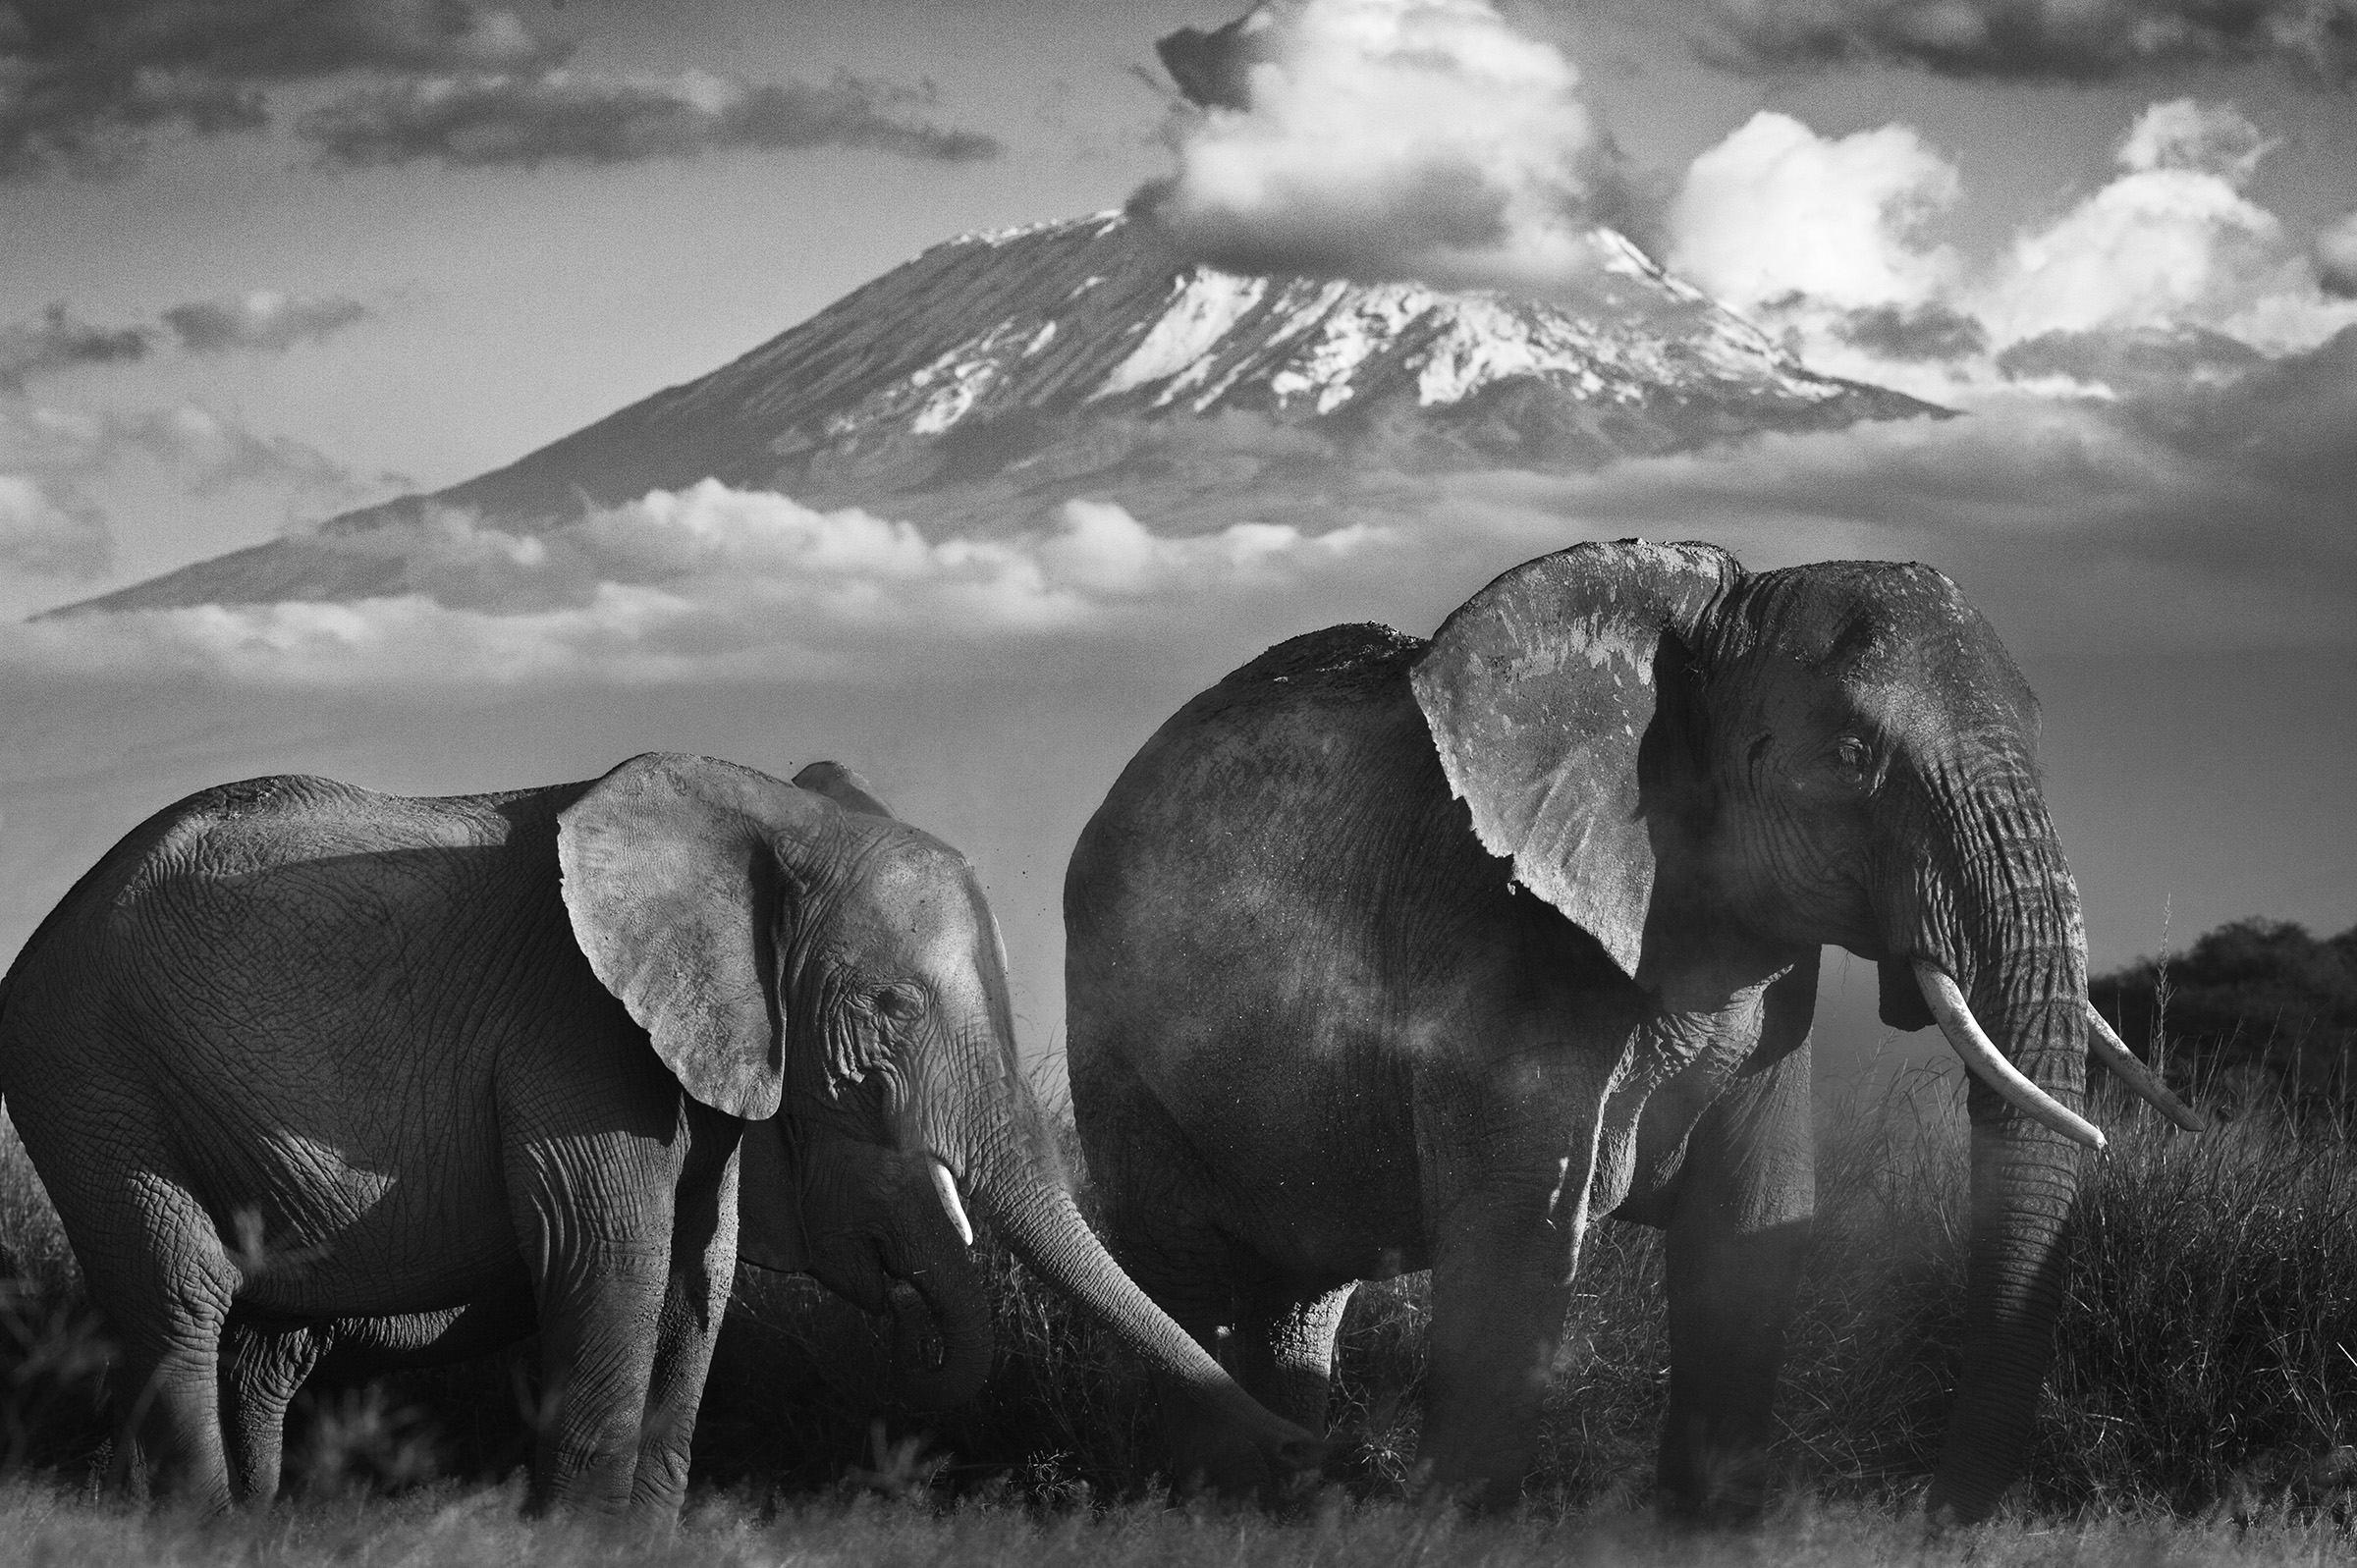 DY Kilimanjaro